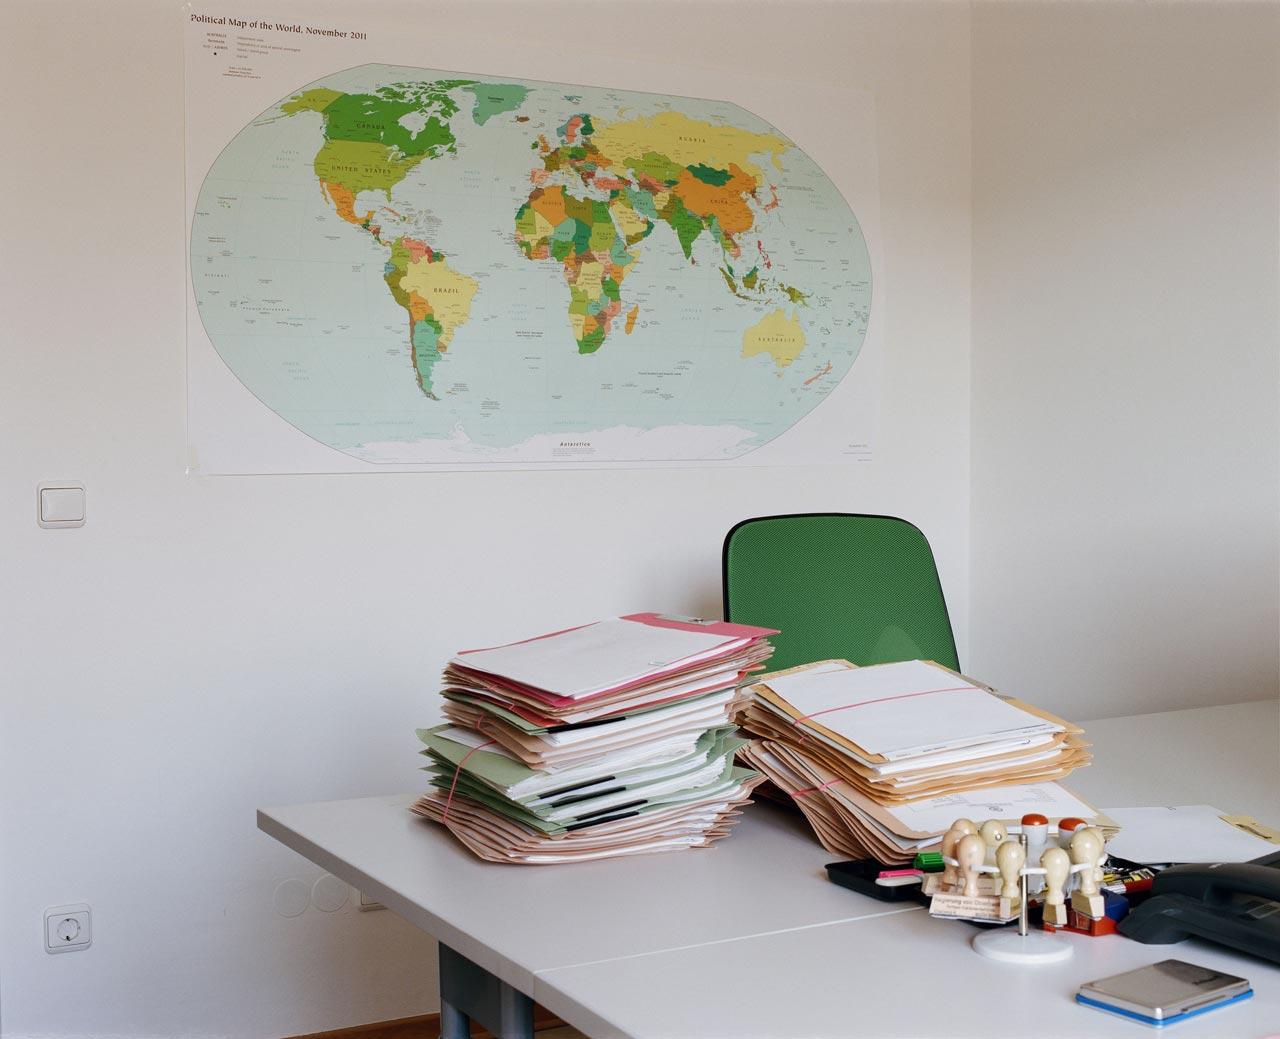 Schreibtisch eines BAMF-Mitarbeiters in der Rückführungseinrichtung Bamberg, 2016.